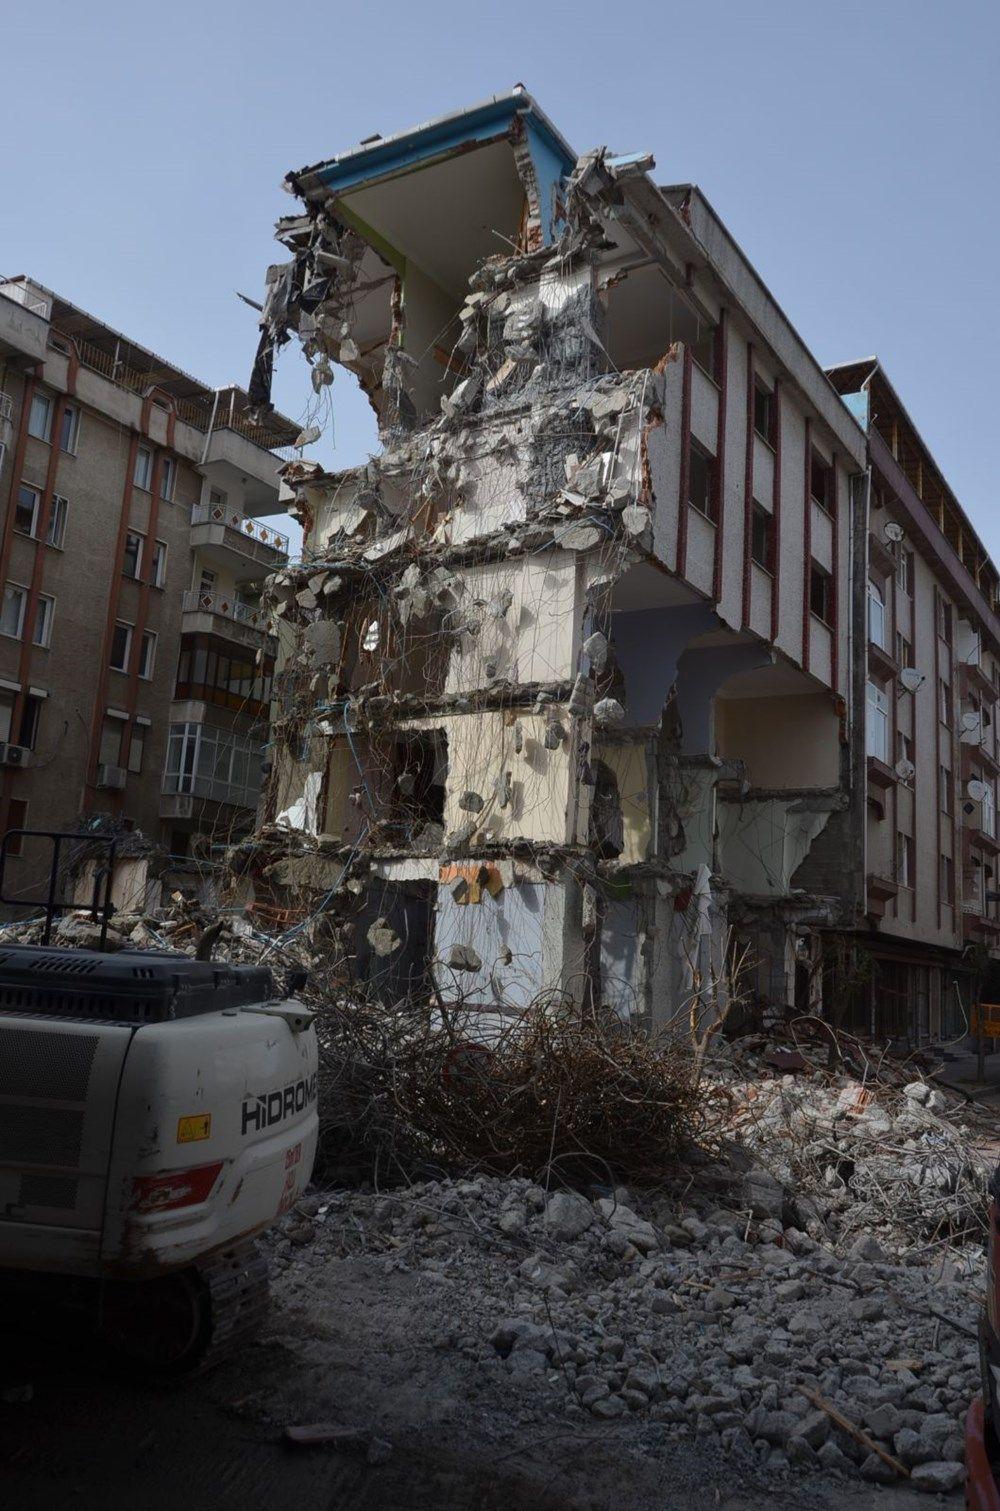 Avcılar'da kentsel dönüşüm: Her darbe ile depremi yaşıyoruz - Sayfa 2